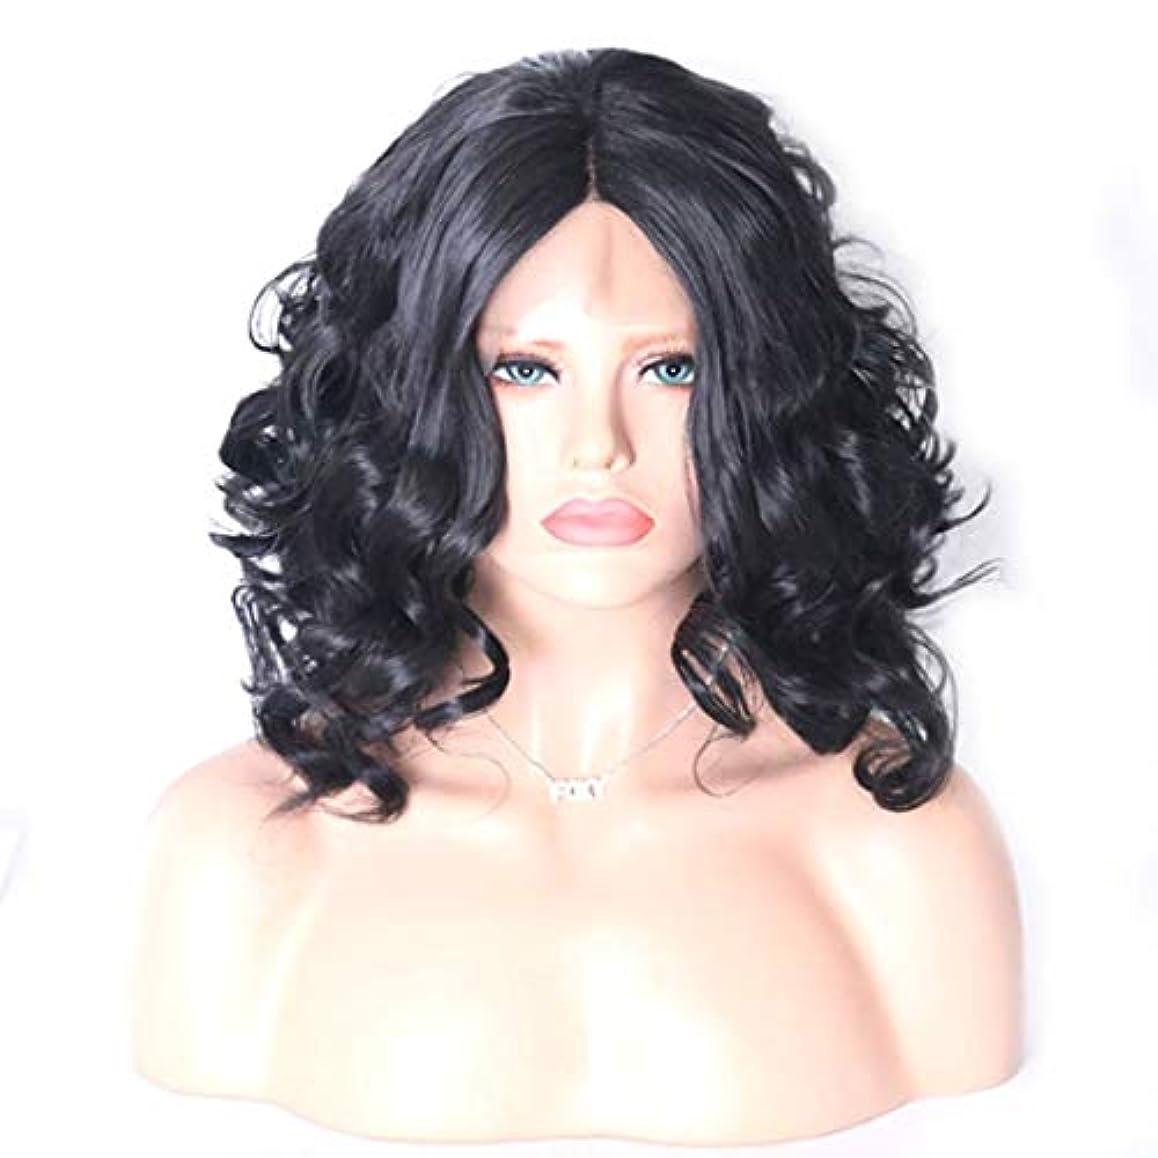 腹部探す調停者Summerys 女性用フロントレースウィッグショートブラックカーリーヘアーナチュラルハーフハンドウィッグセット